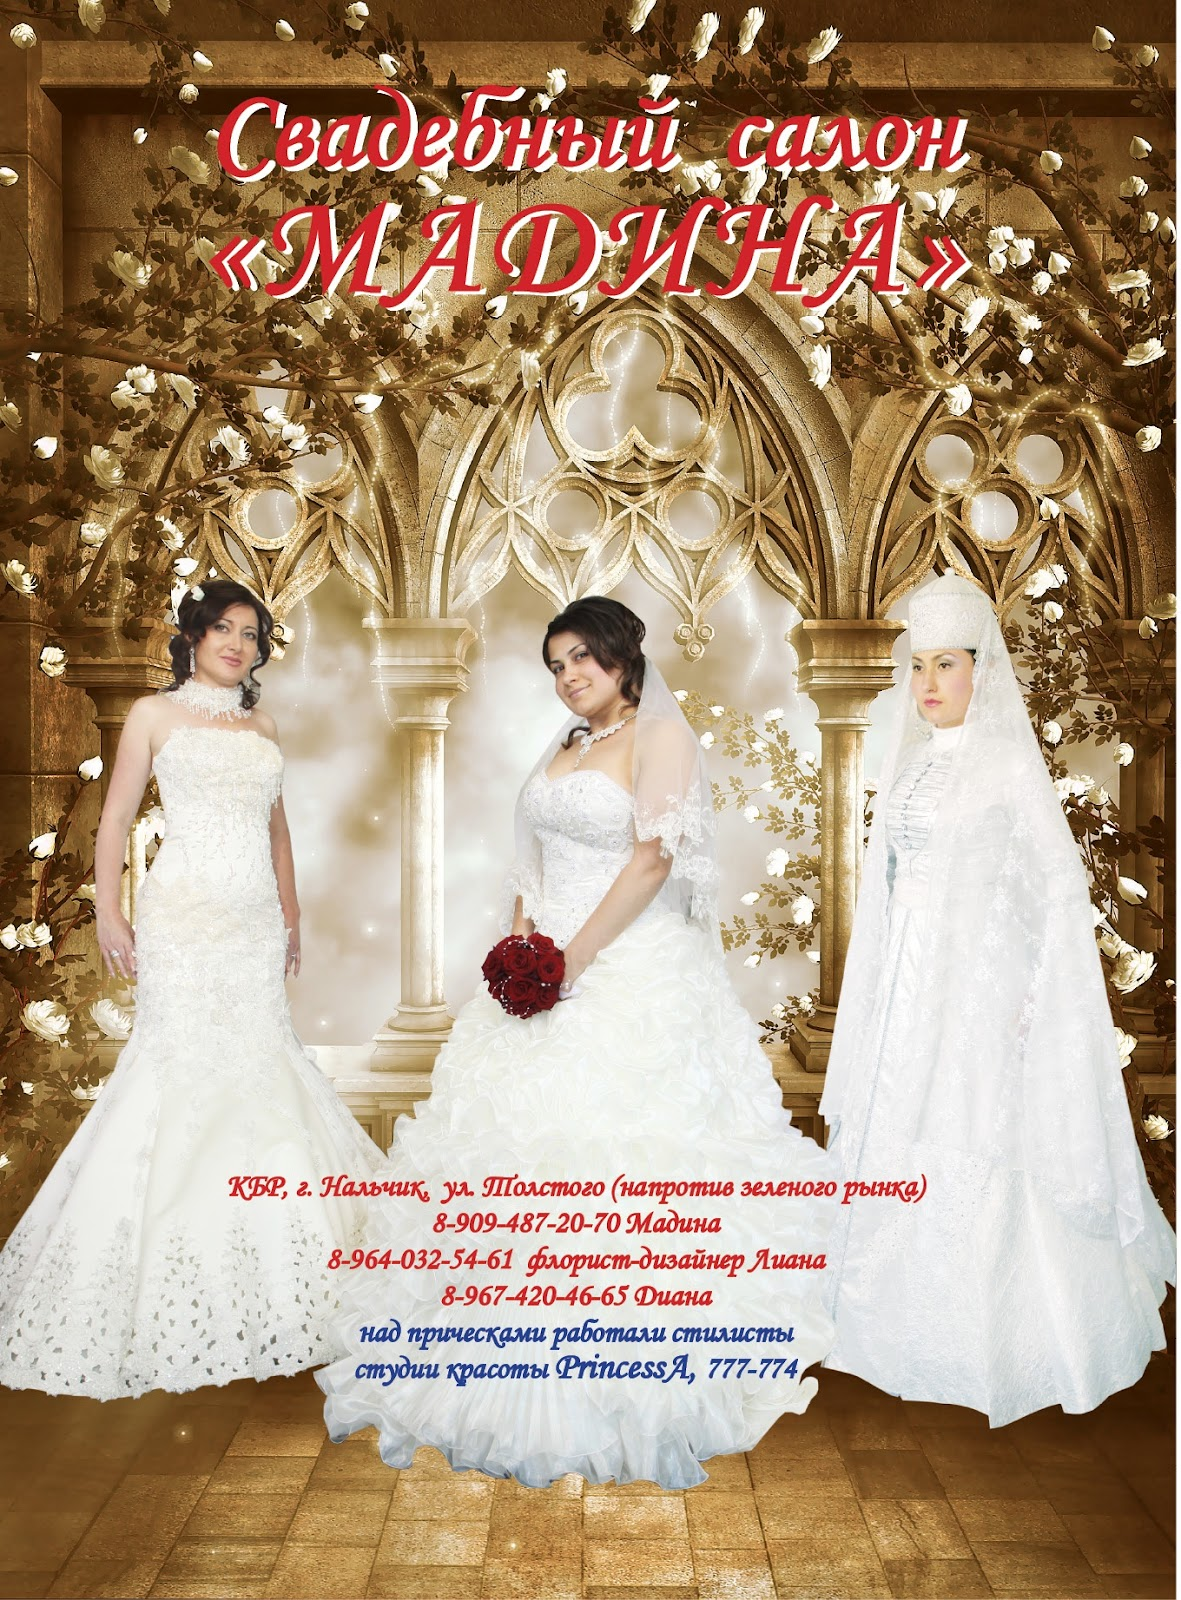 Продажа б/у свадебных платьев в Нальчике - Объявления Нальчика | 1600x1181